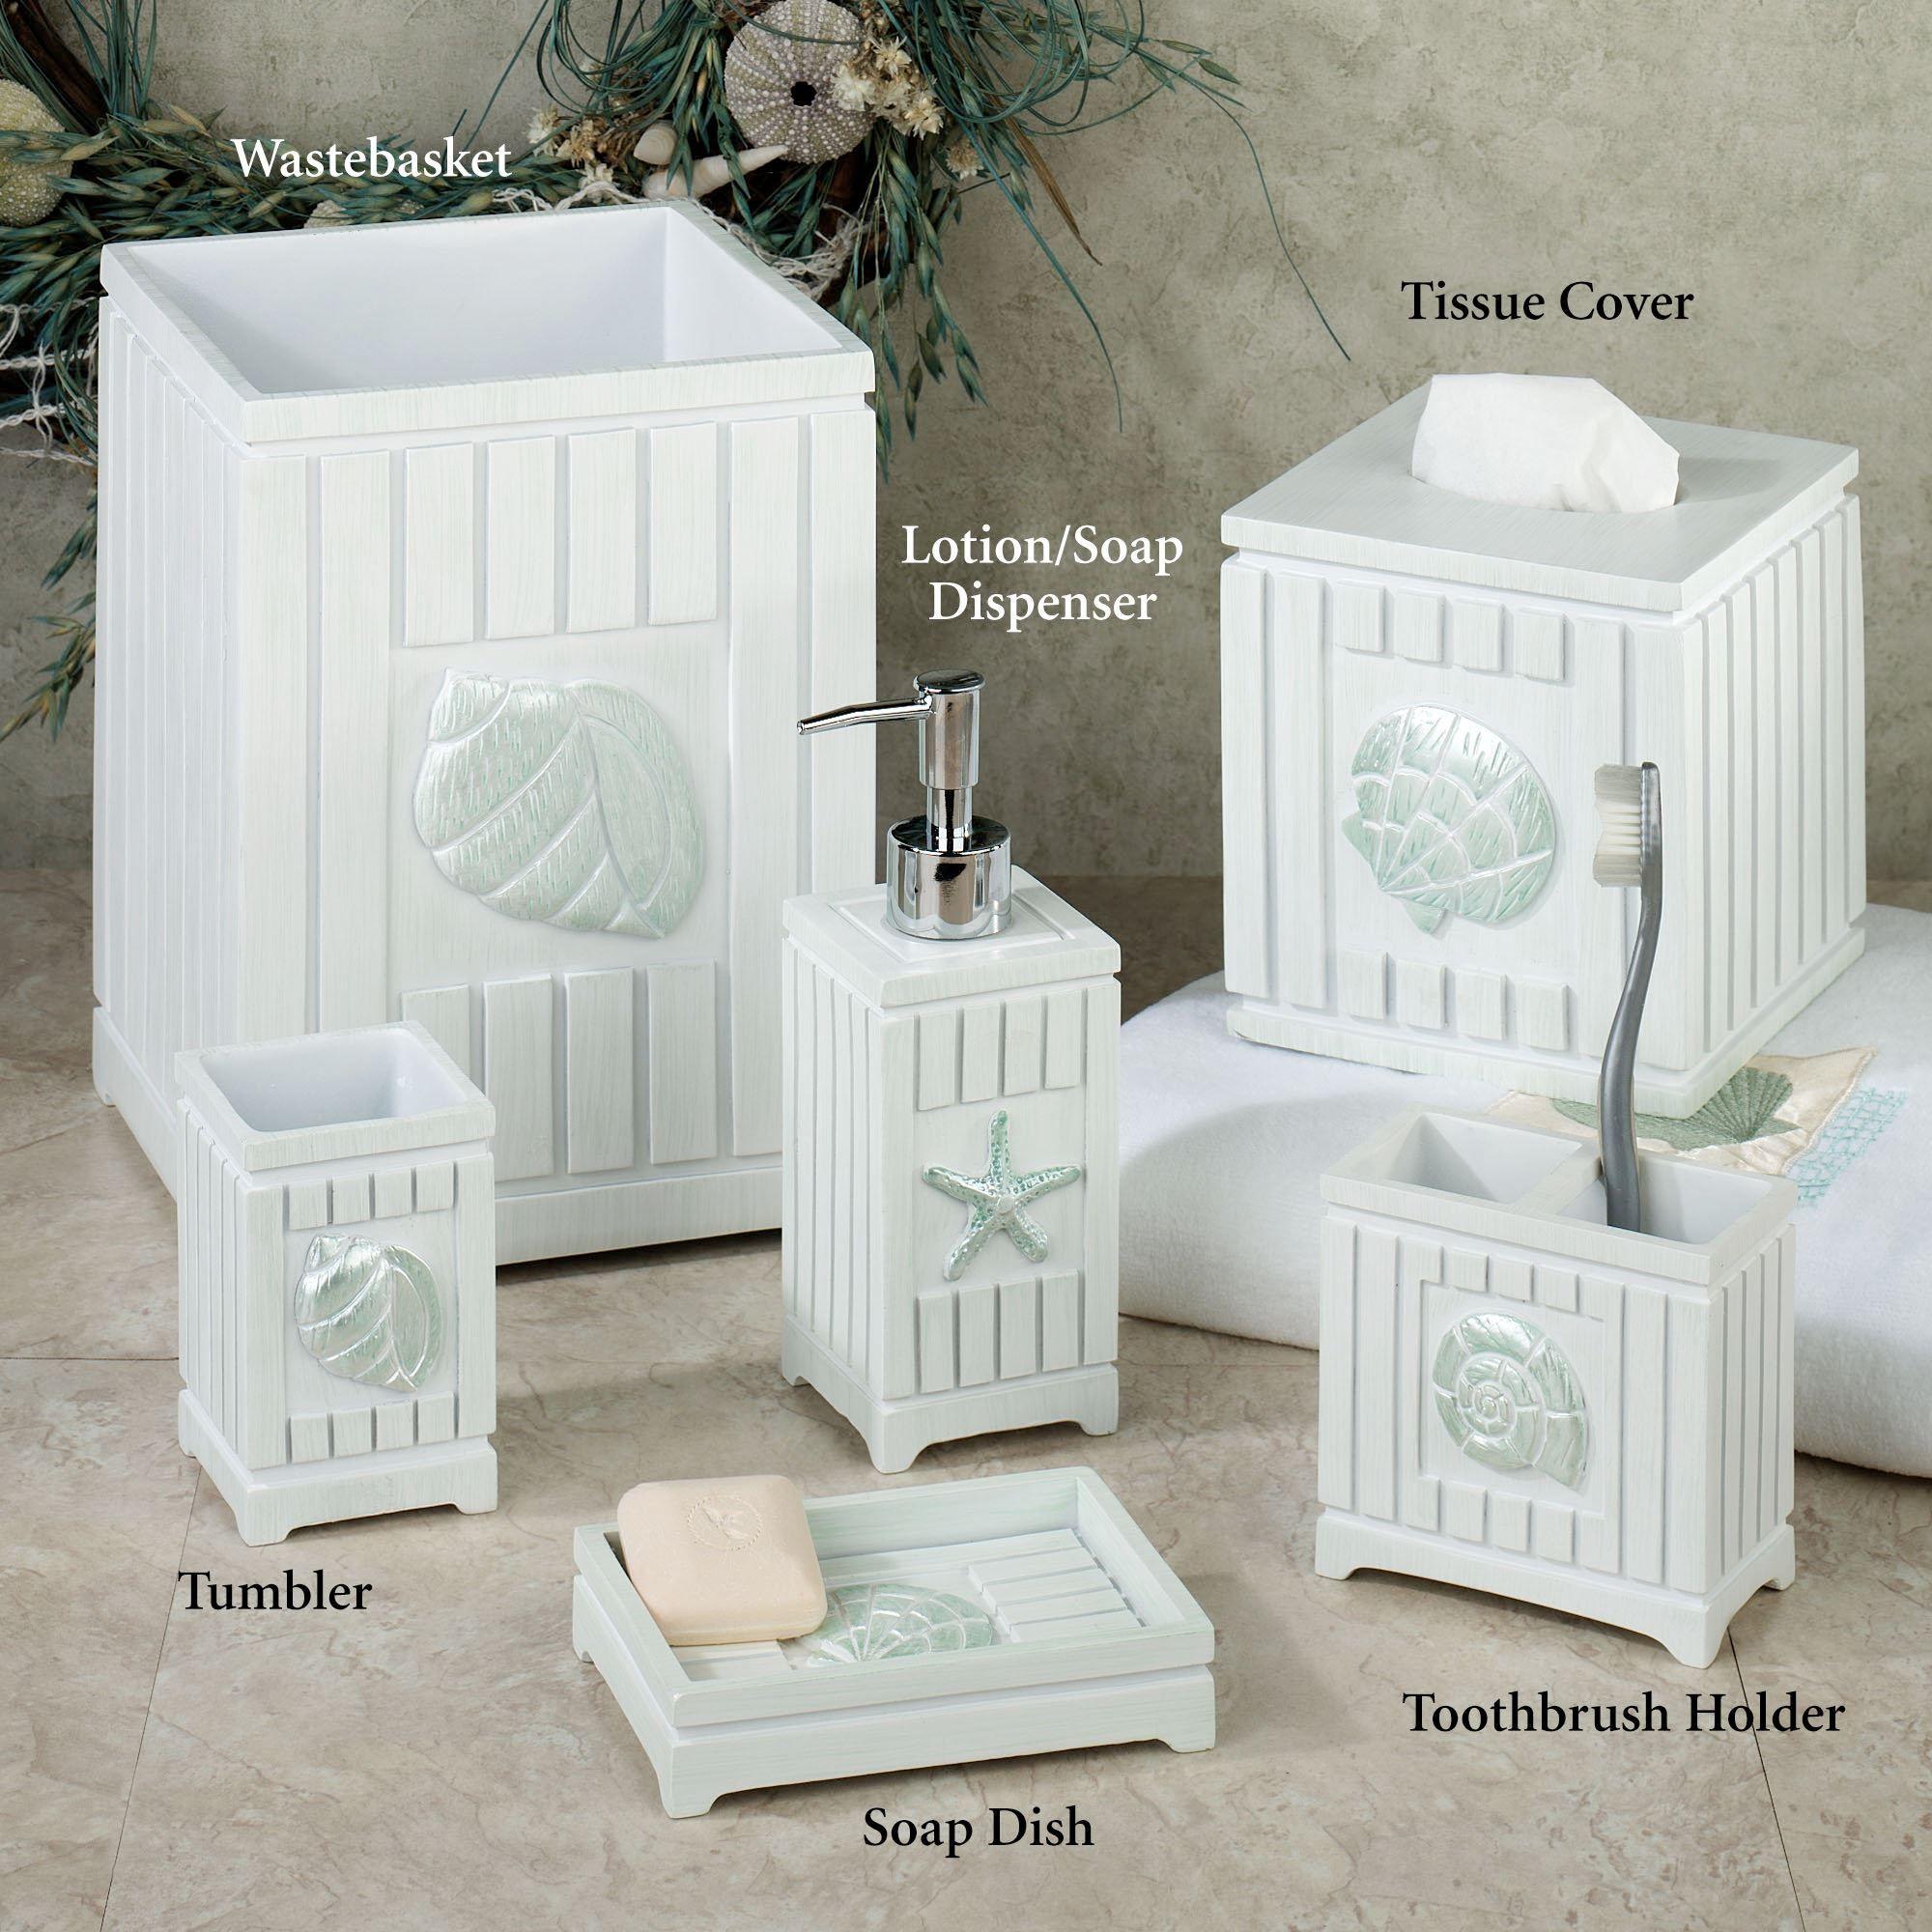 İrya Craft Lacivert 5 Parça Banyo Set 269,99 TL   ESTON ÖZLEM   Pinterest   Bath  Accessories And Bath